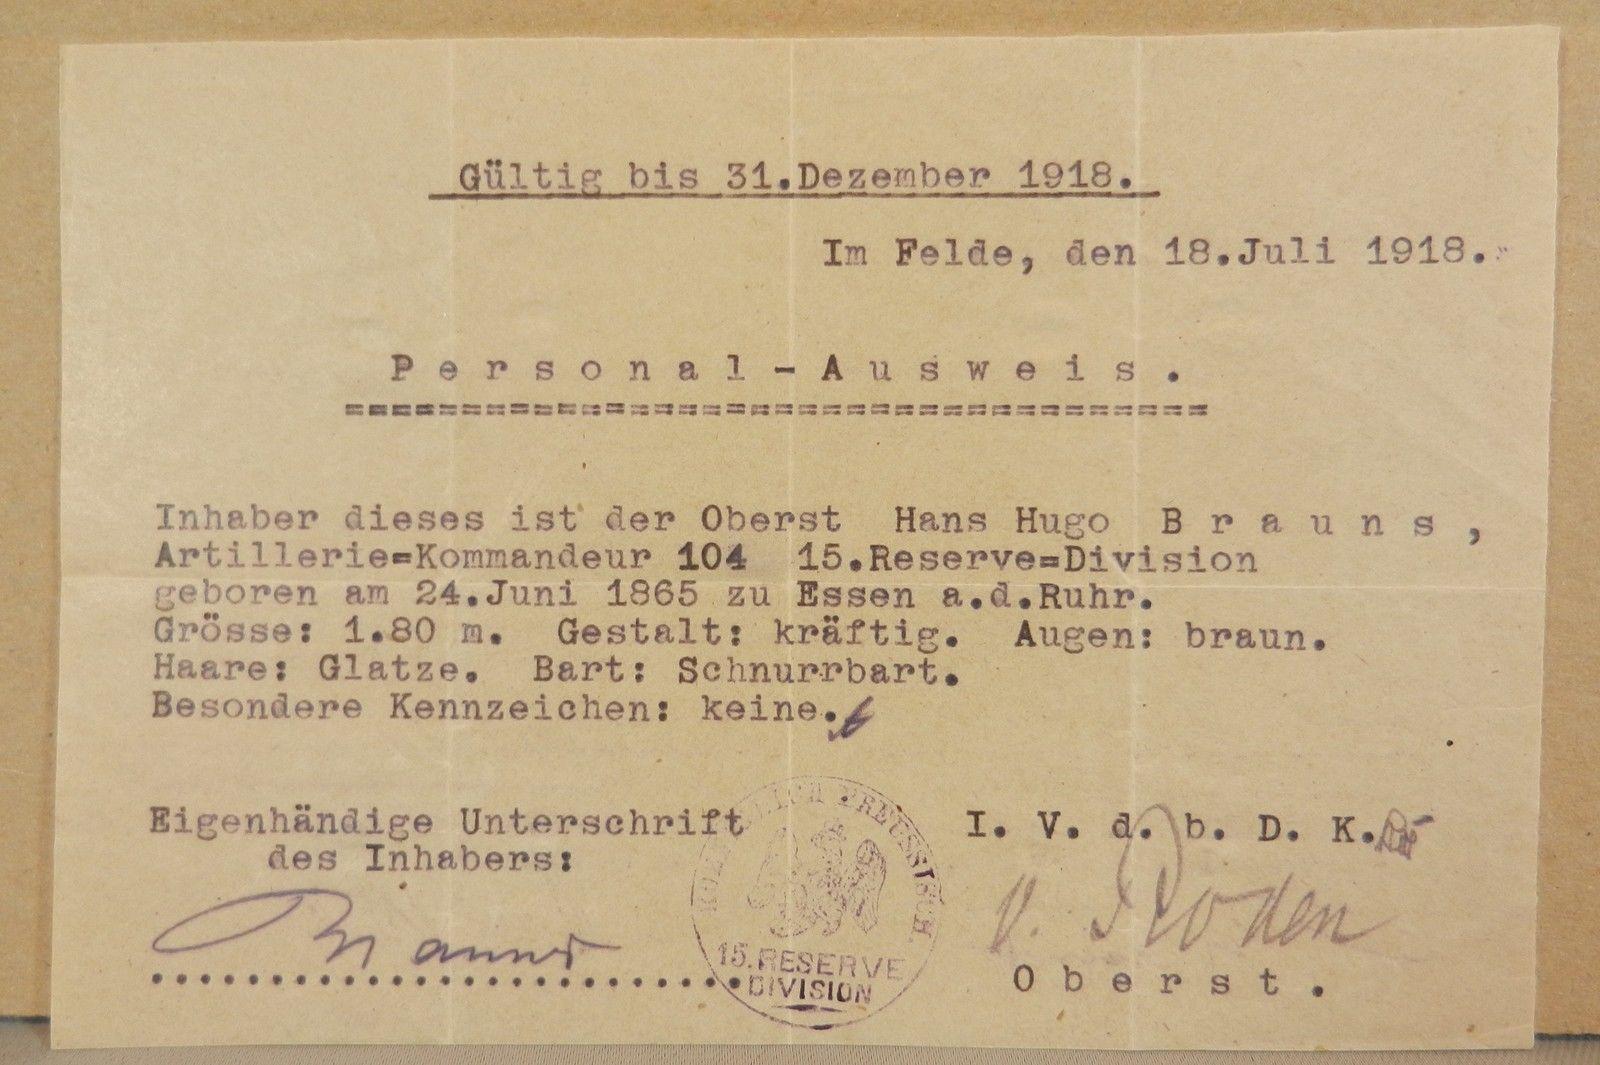 ersonalausweis-Ausweis-Artillerie-Kommandeur-104-15-Reserve-Division-1918-